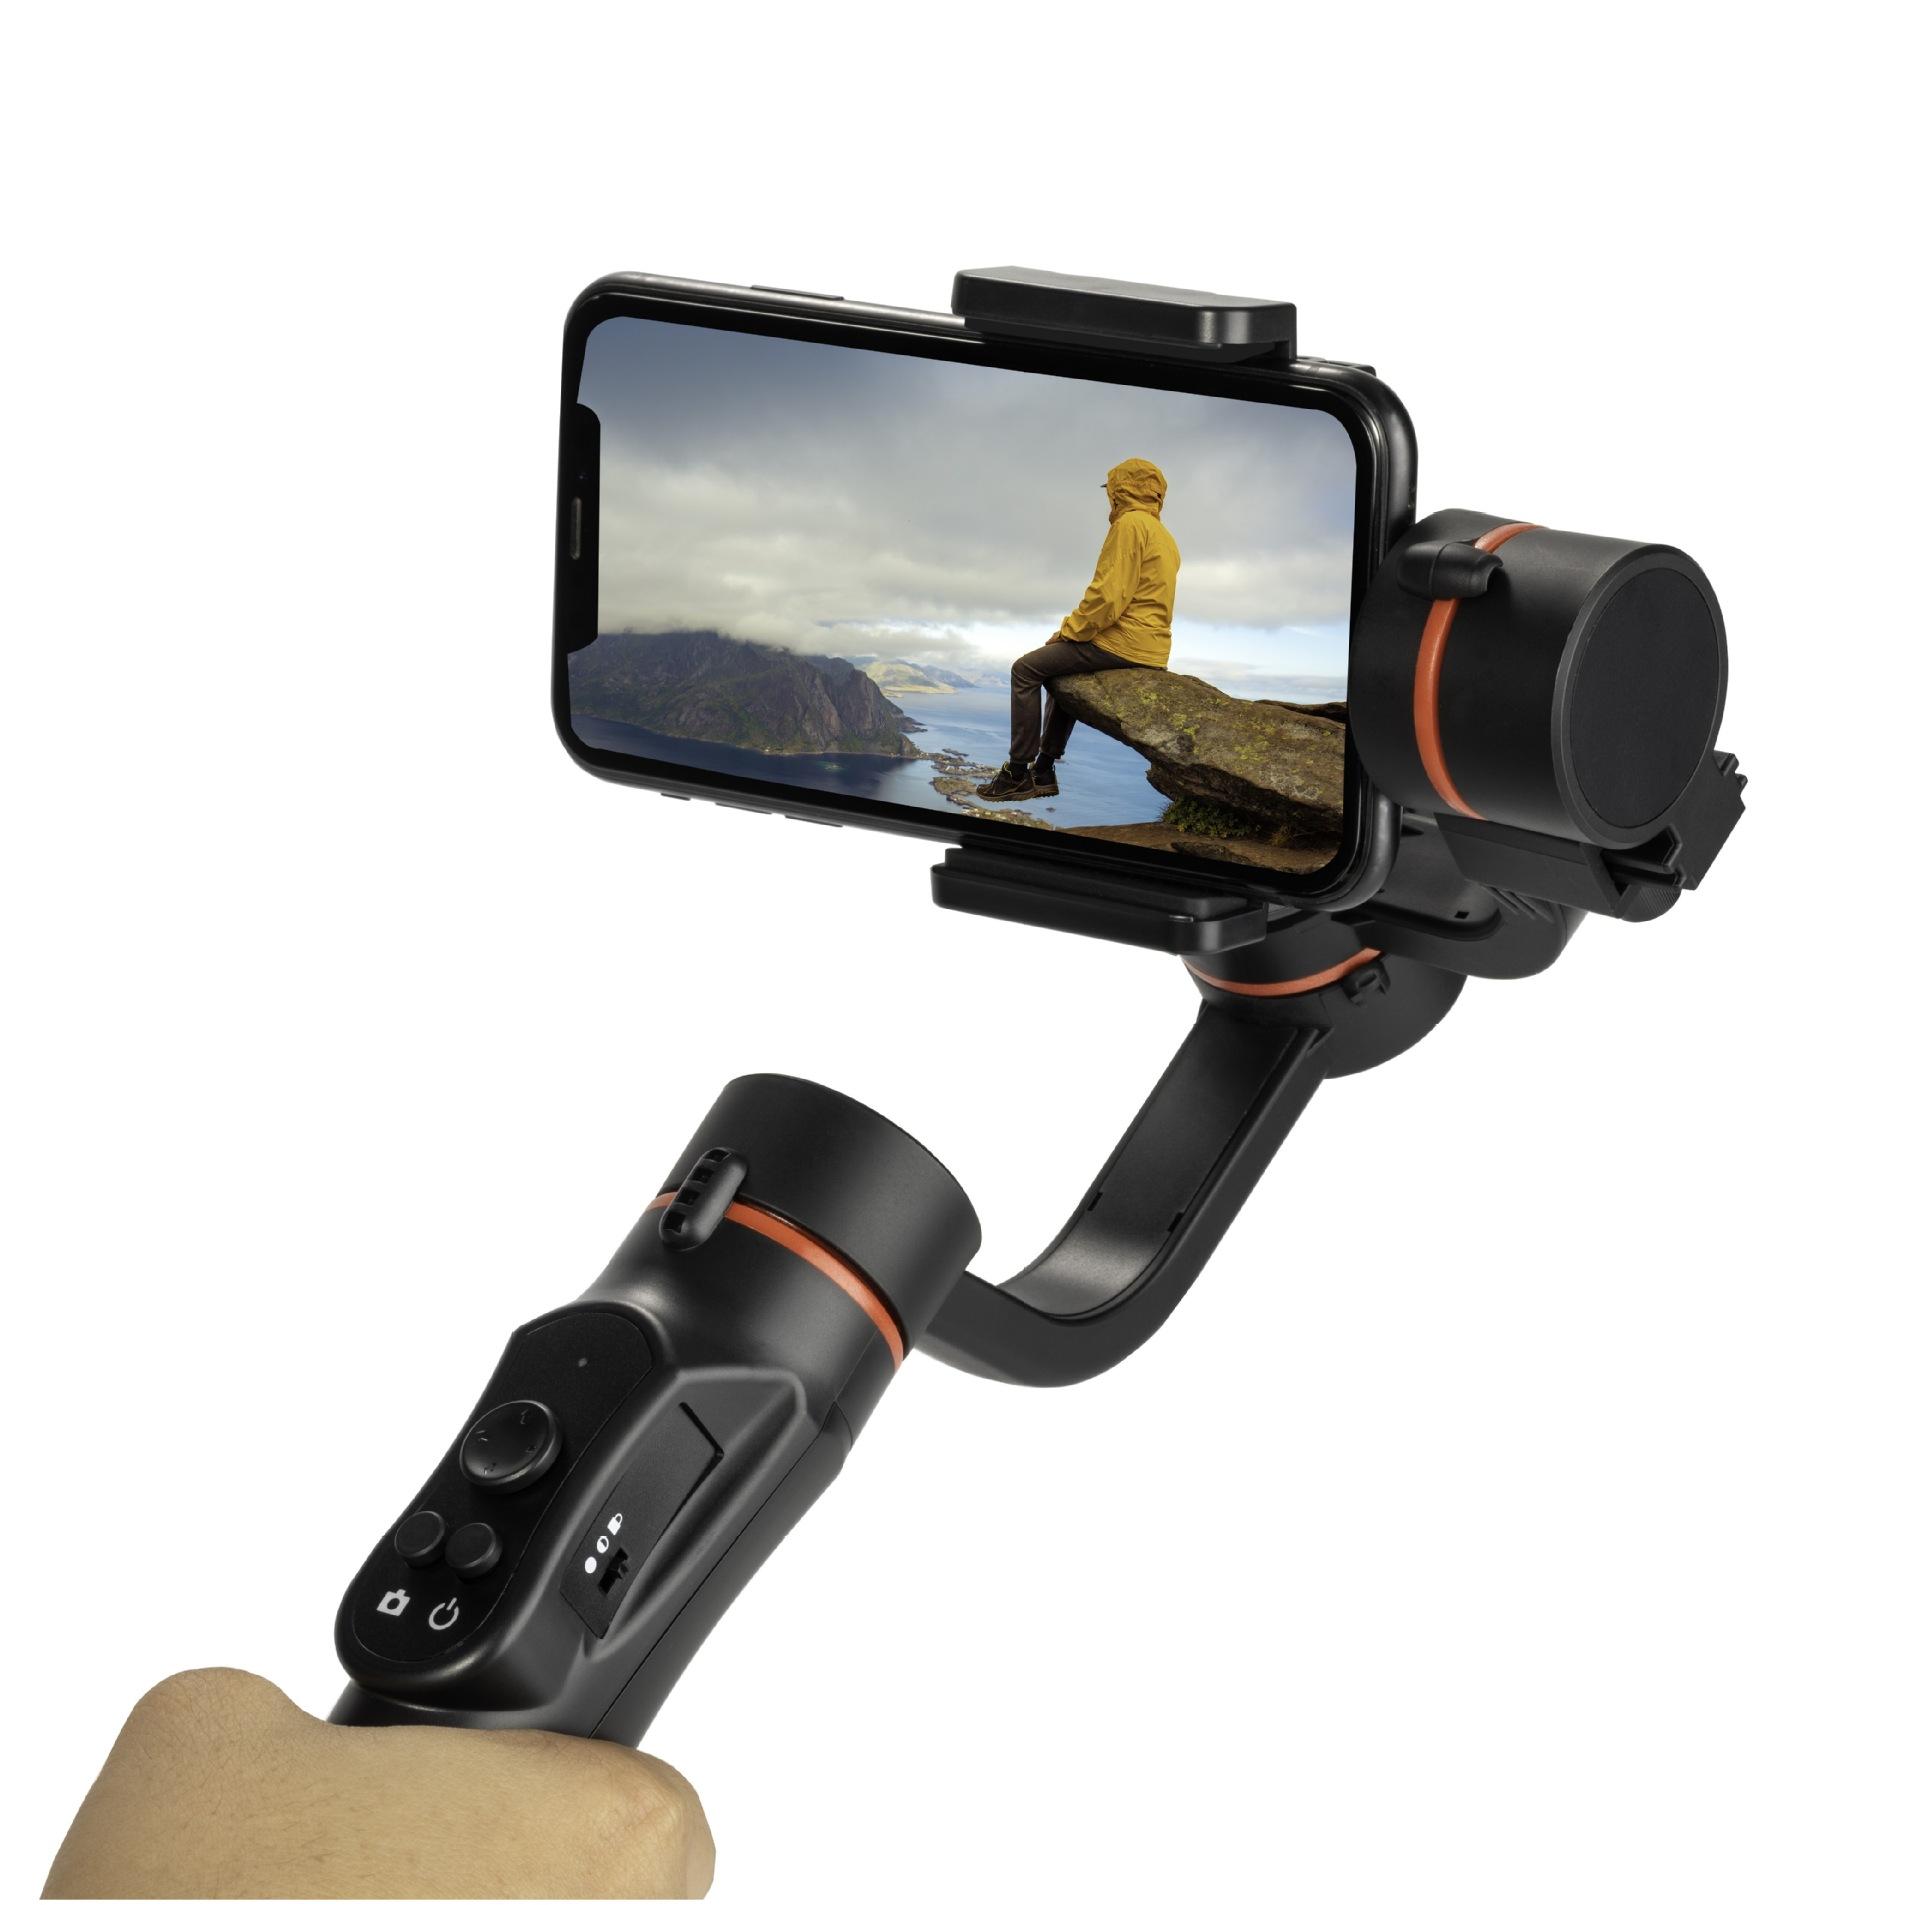 H2 Handheld Phone Gimbal